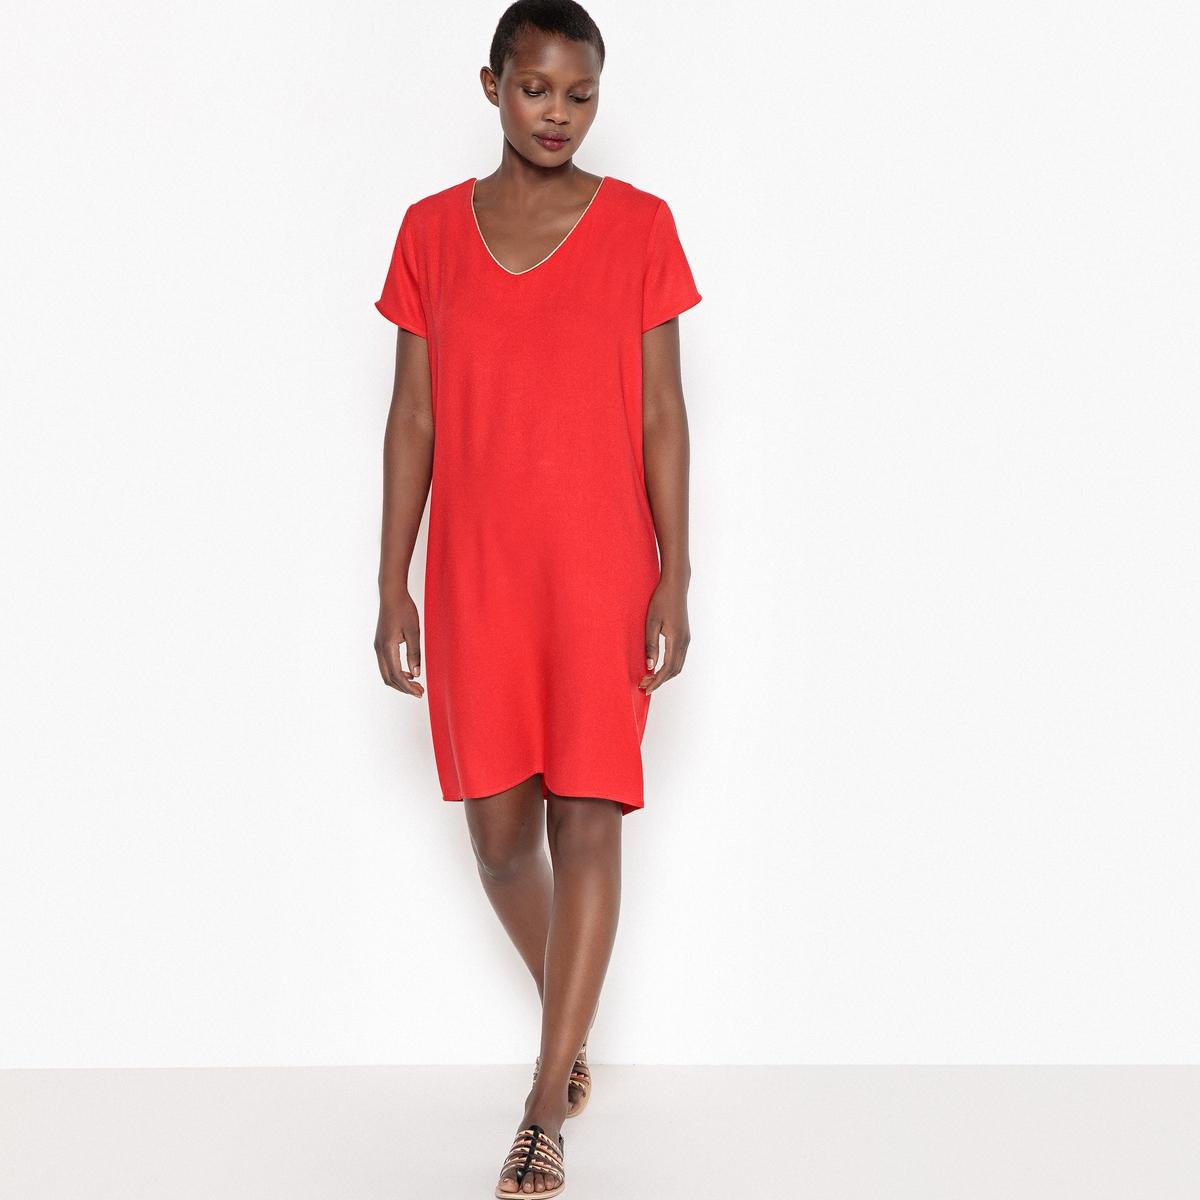 Платье прямое короткое с V-образным вырезом и короткими рукавамиОписание:Детали •  Форма : прямая •  Укороченная модель •  Короткие рукава    •   V-образный вырезСостав и уход •  100% вискоза •  Следуйте рекомендациям по уходу, указанным на этикетке изделия<br><br>Цвет: красный